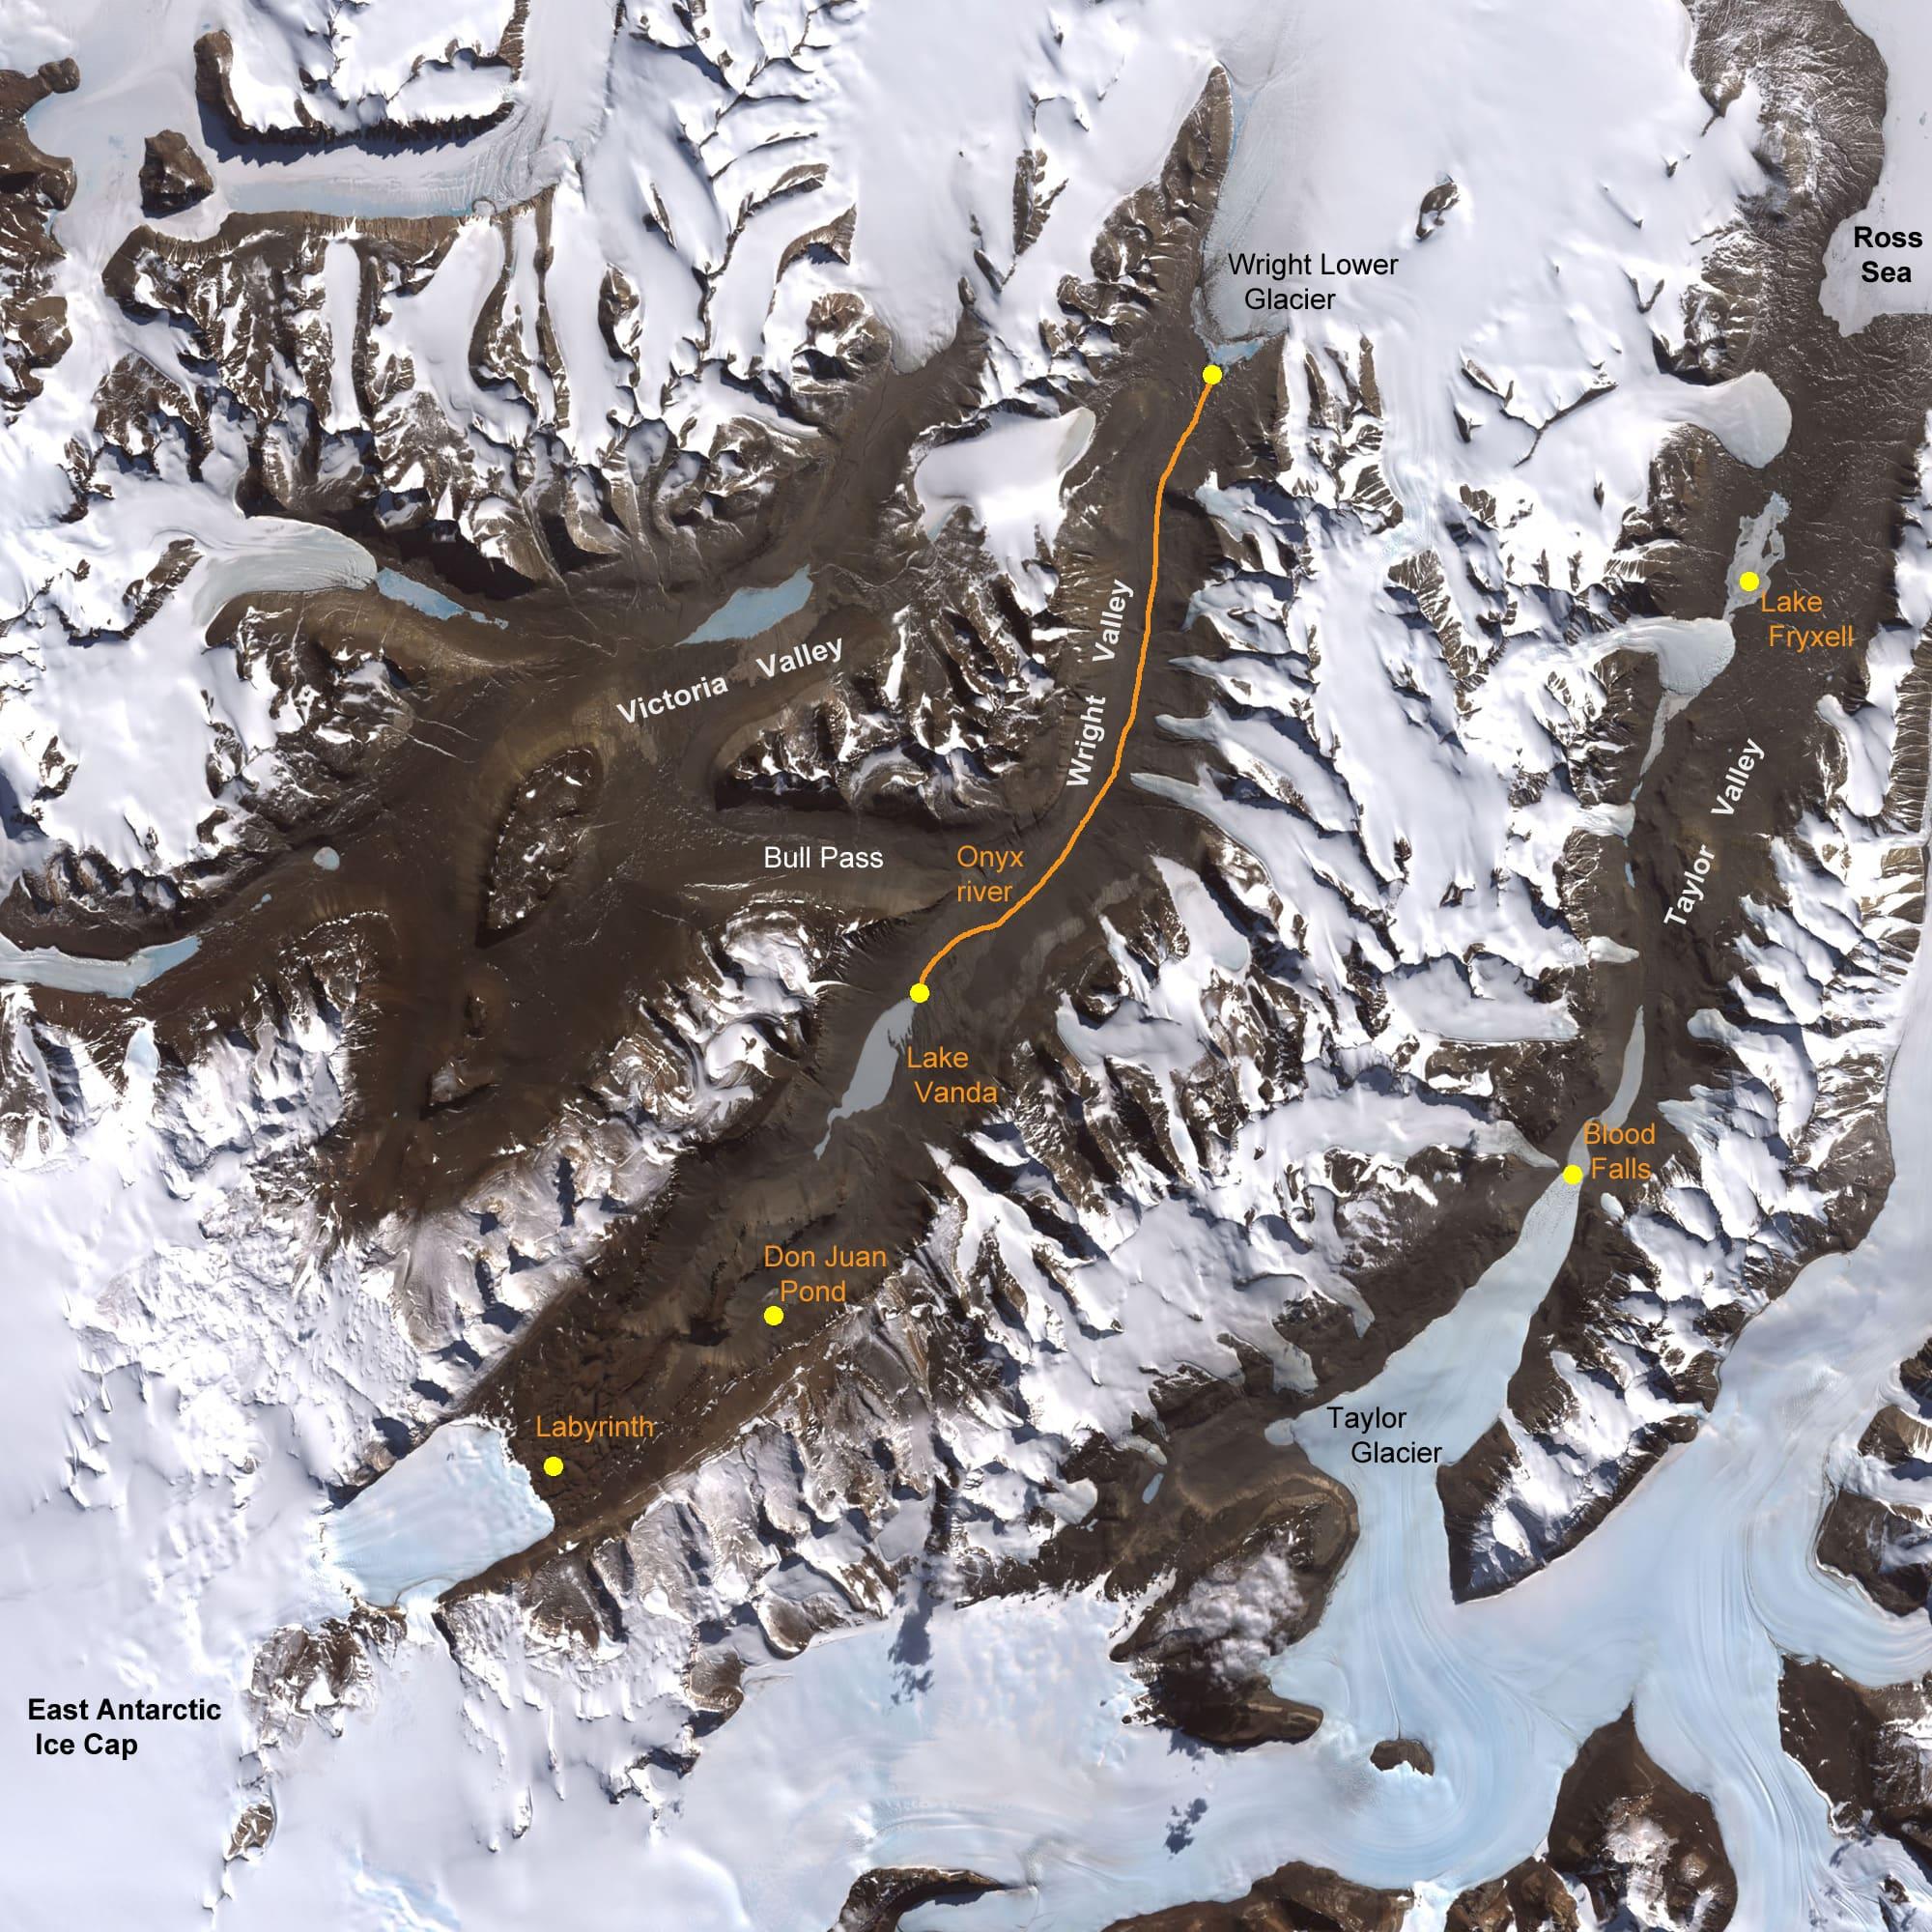 dunyanin-en-az-yagis-alan-yeri-kuru-vadi Dünyanın en kurak yeri: 2 milyon yıldır yağış yok! Bilgiler